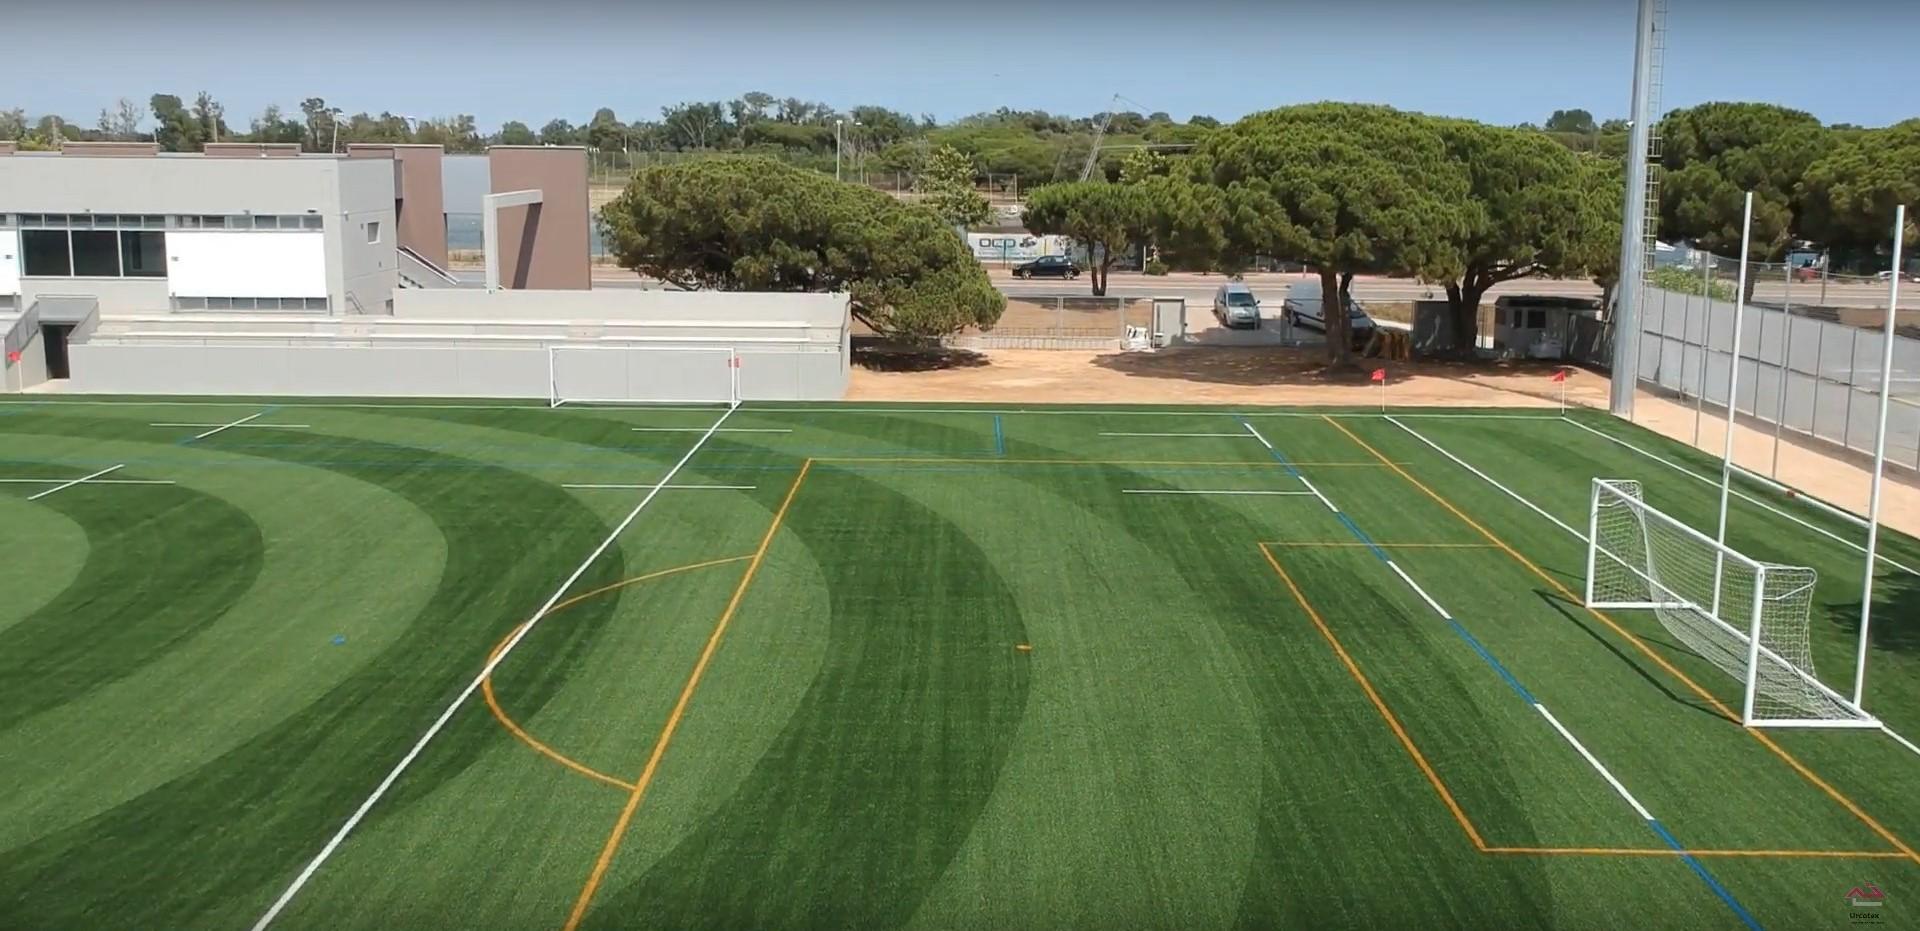 Estadio British School en Castelldefels, Barcelona Image